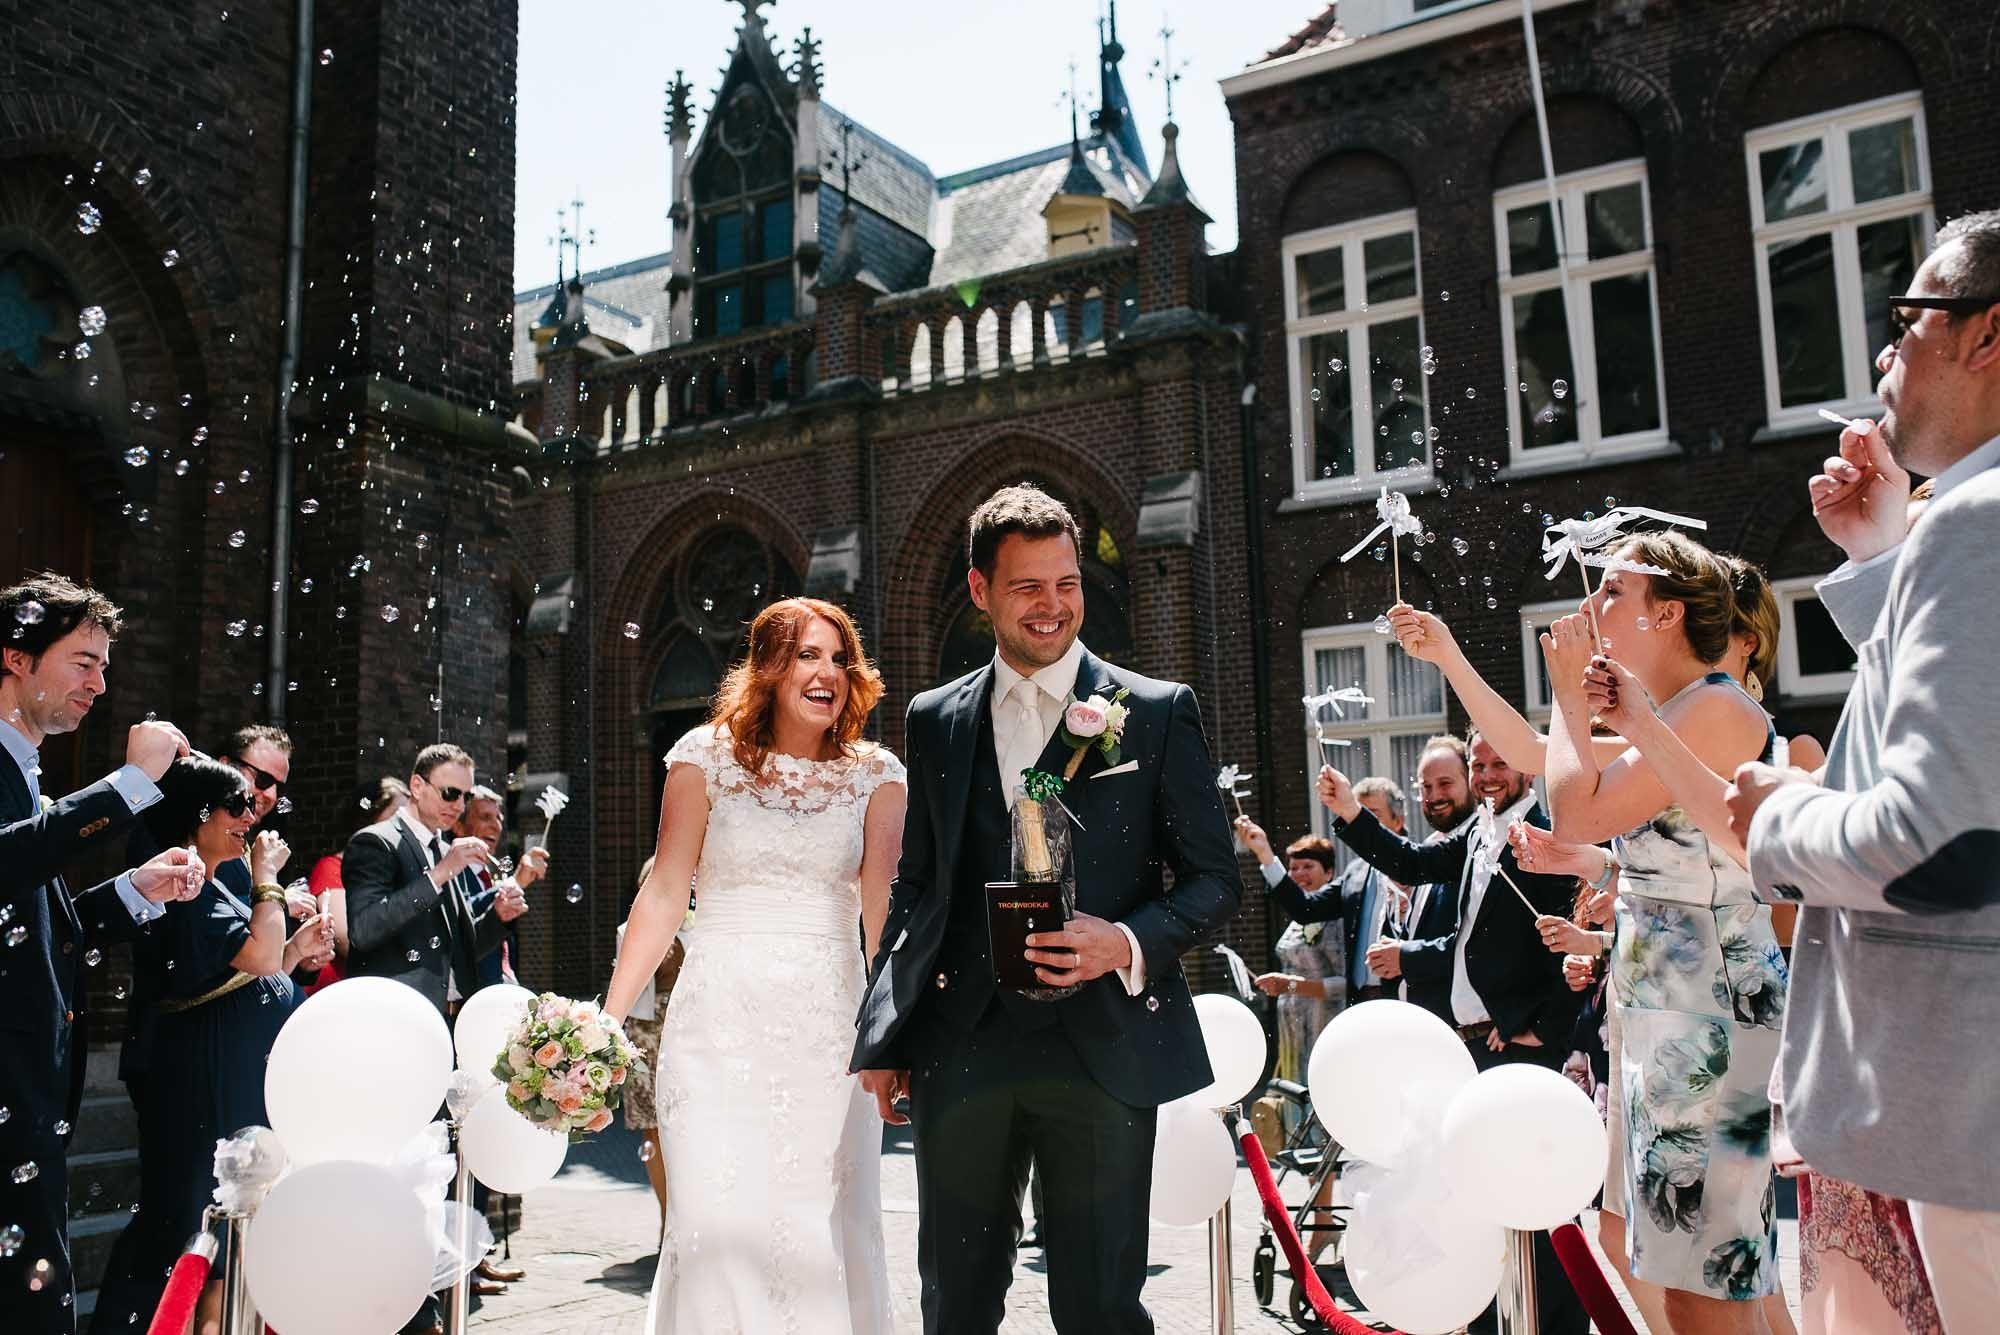 Bruidsfotograaf-Sittard-journalistieke-bruidsfotografie-046.jpg